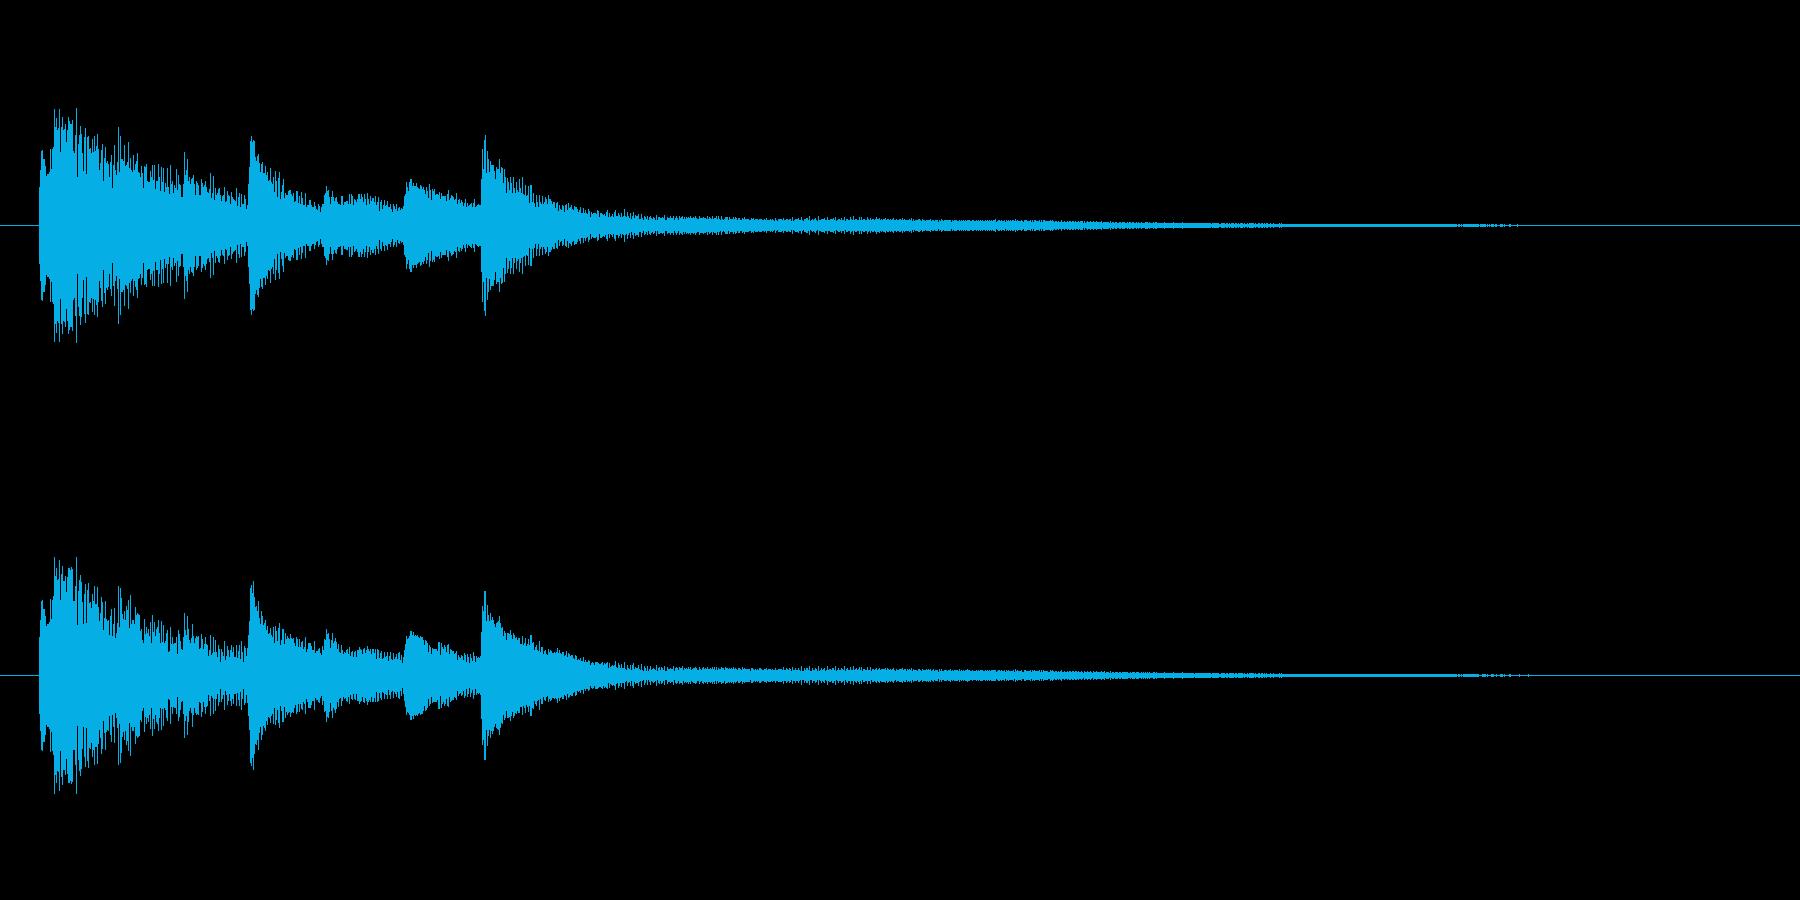 ピアノによる優しいサウンドロゴの再生済みの波形